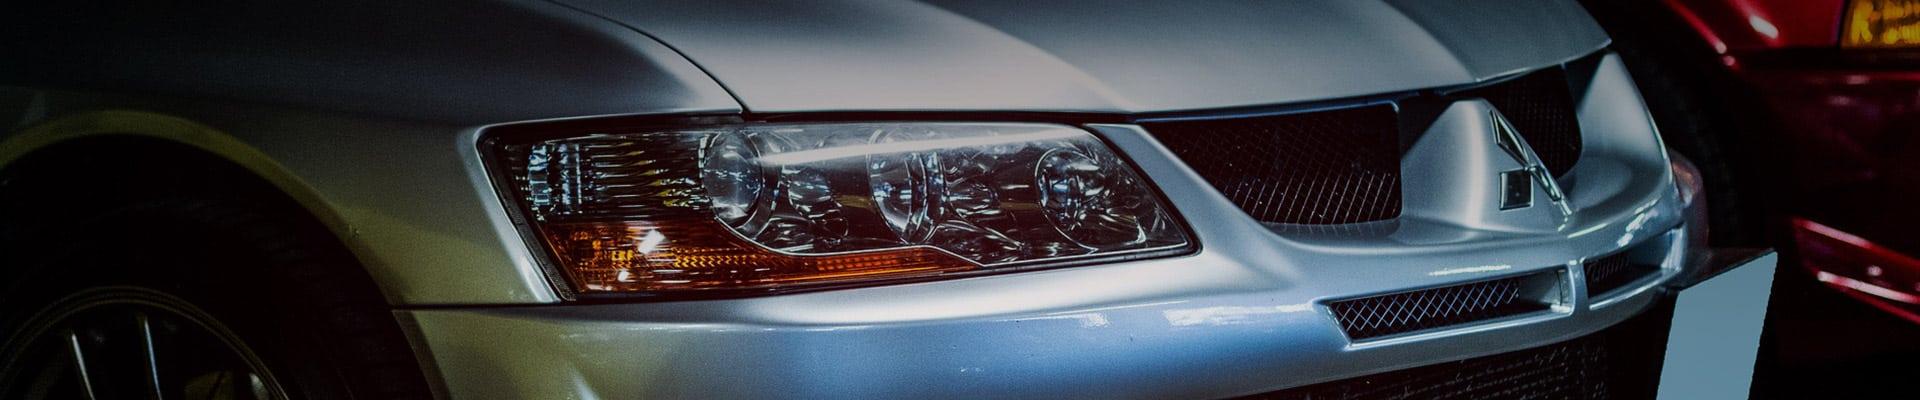 רכב מיצובישי